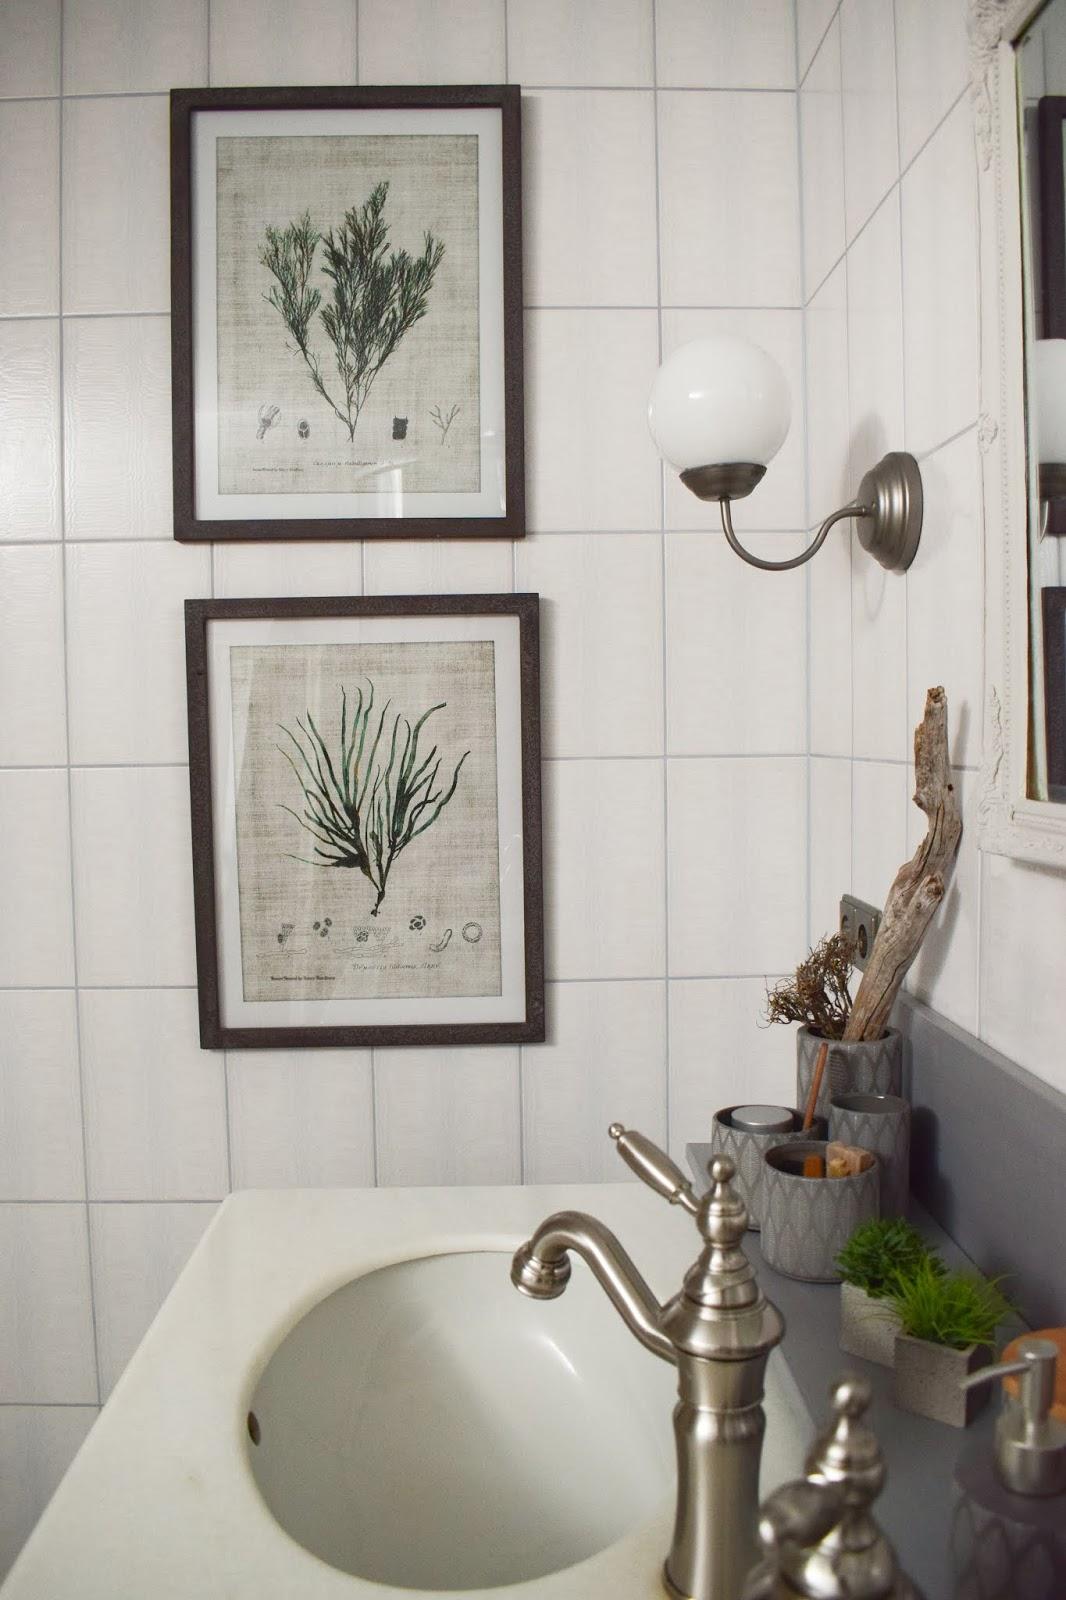 Badezimmer Ideen Deko Bad Renovierung selber machen Dekoideen für ein stilvolles Badezimmer. Einrichten Aufwerten Interior vorher nachher  Wandbilder